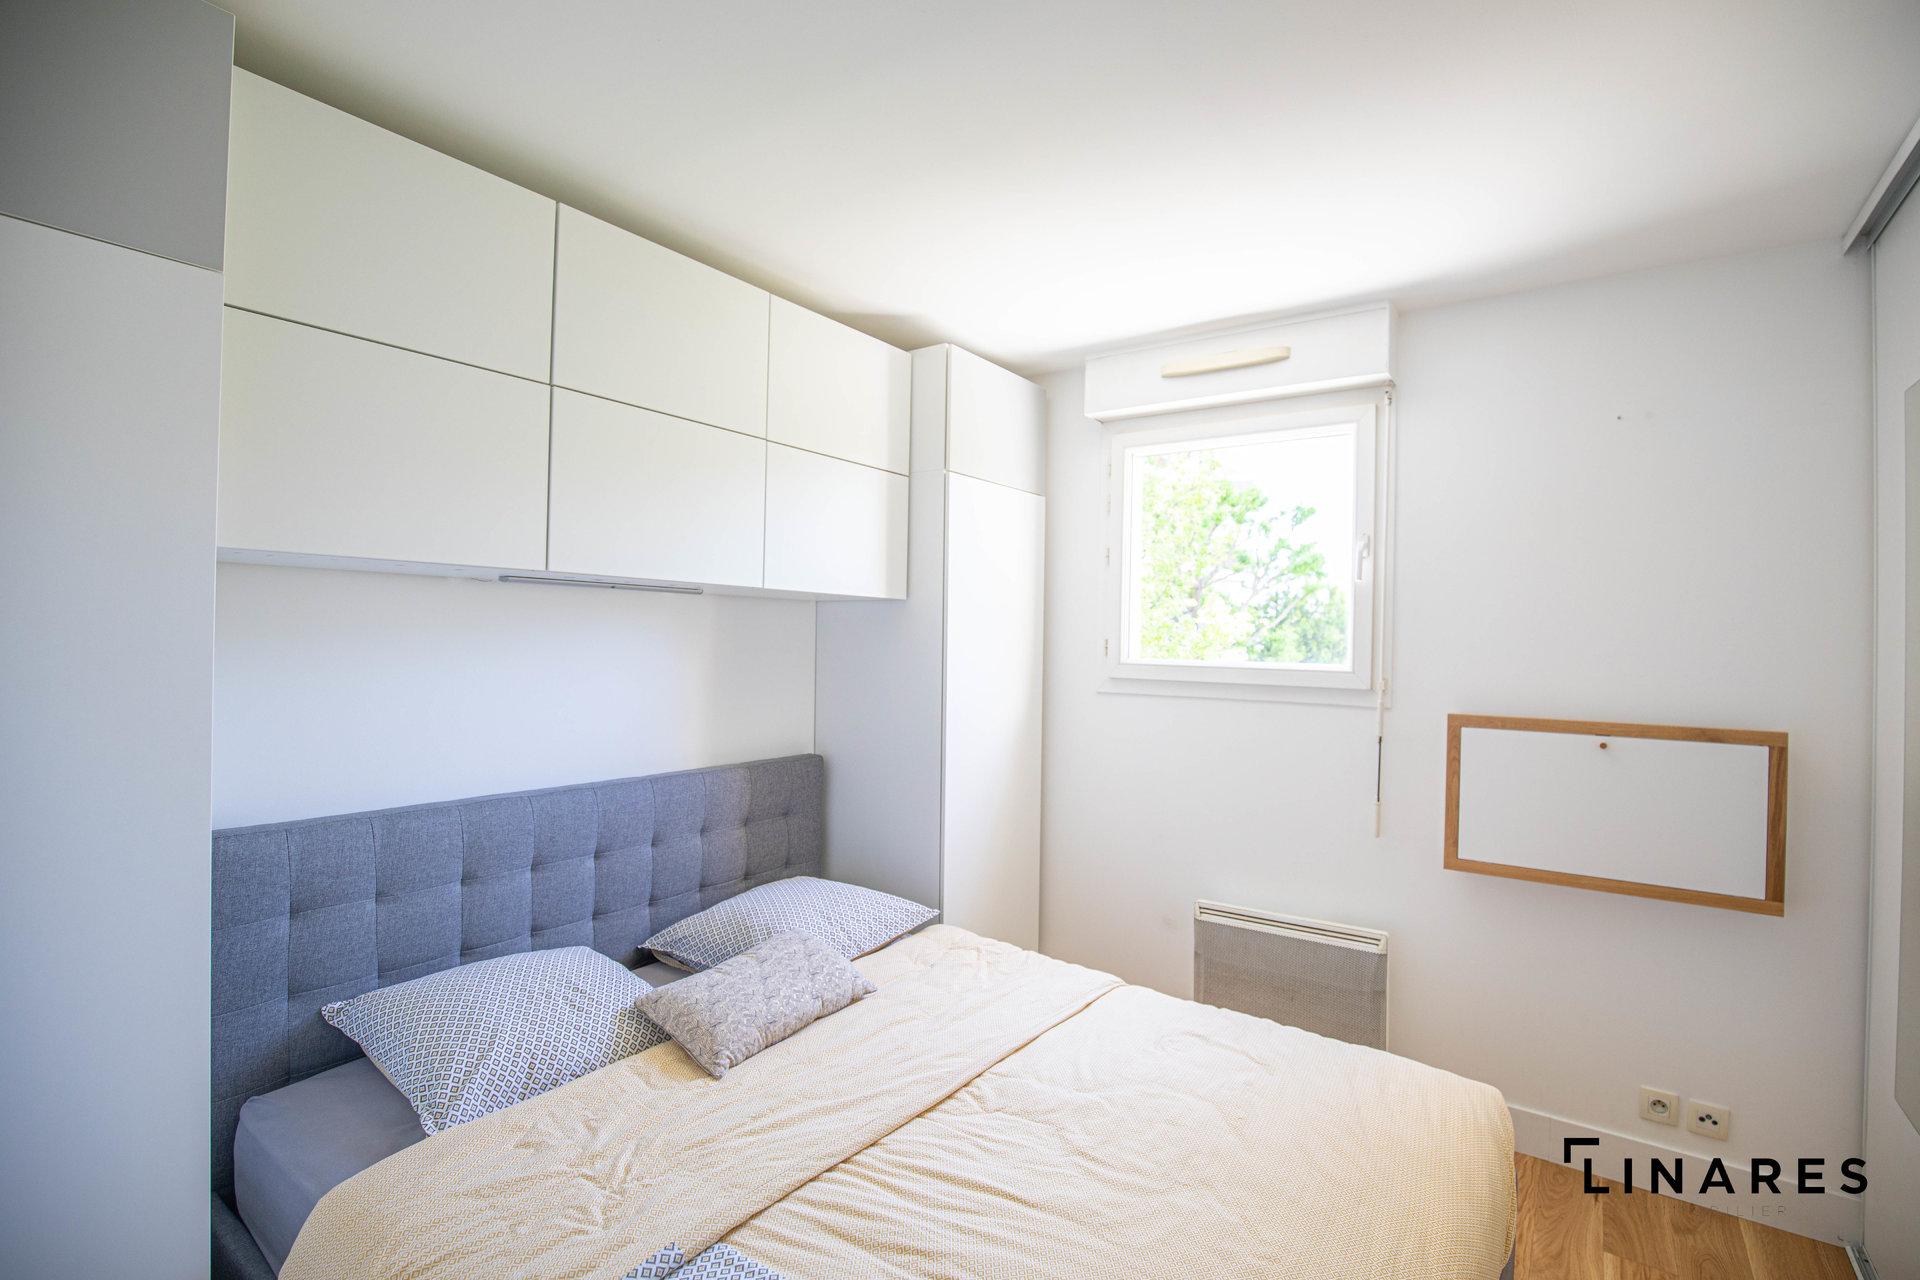 LA PERLE DU 9eme Appartement de type 2 de 46m2 avec terrasse et parking